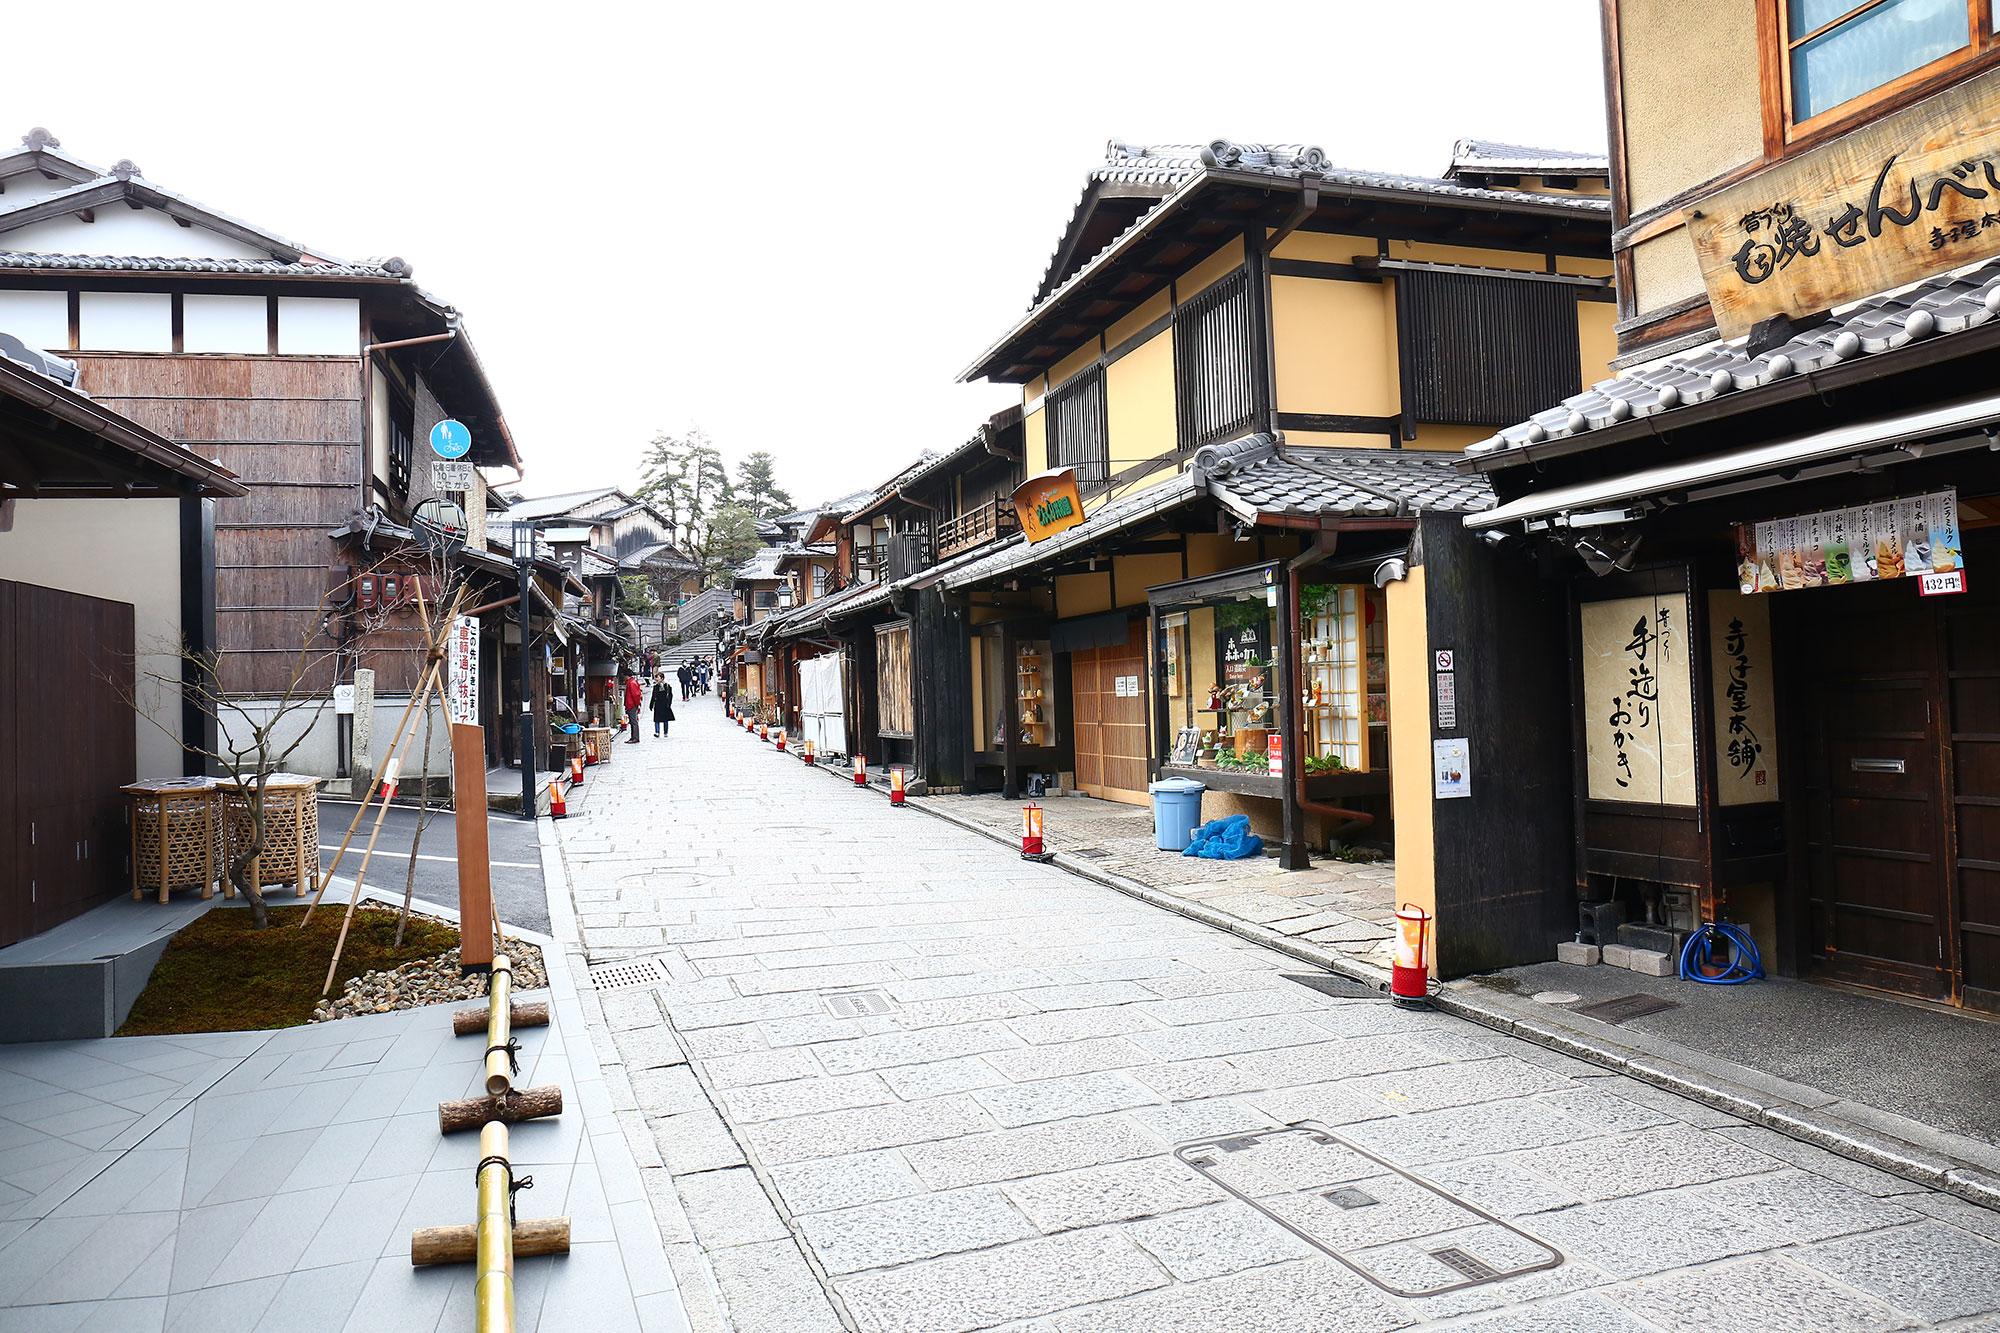 京都を訪れる人や観光客が少なくなったという噂を検証してみた